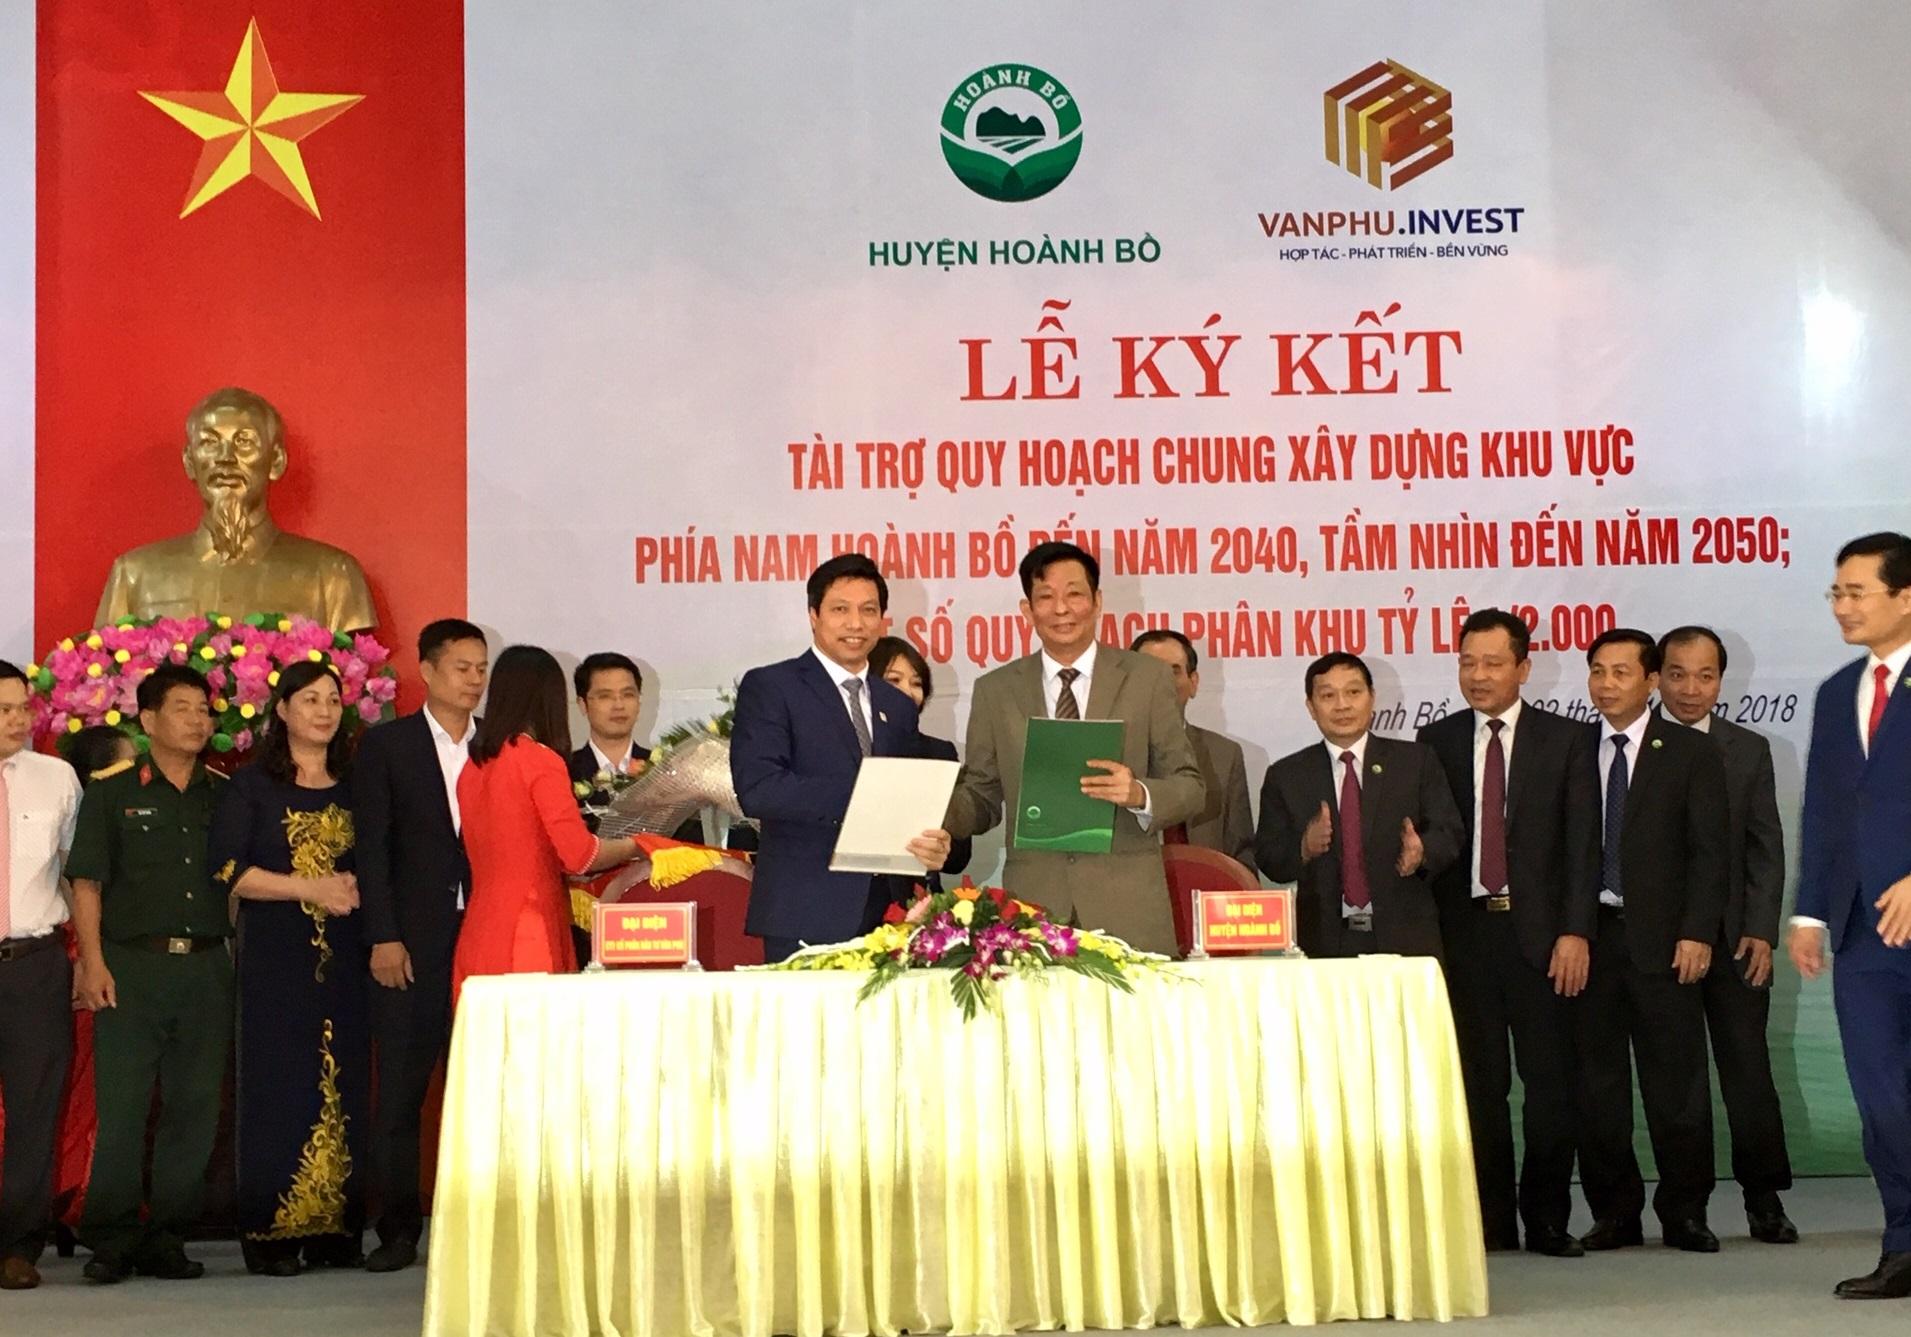 Công ty Văn Phú - Invest tài trợ quy hoạch chung xây dựng khu vực phía nam huyện Hoành Bồ, Quảng Ninh